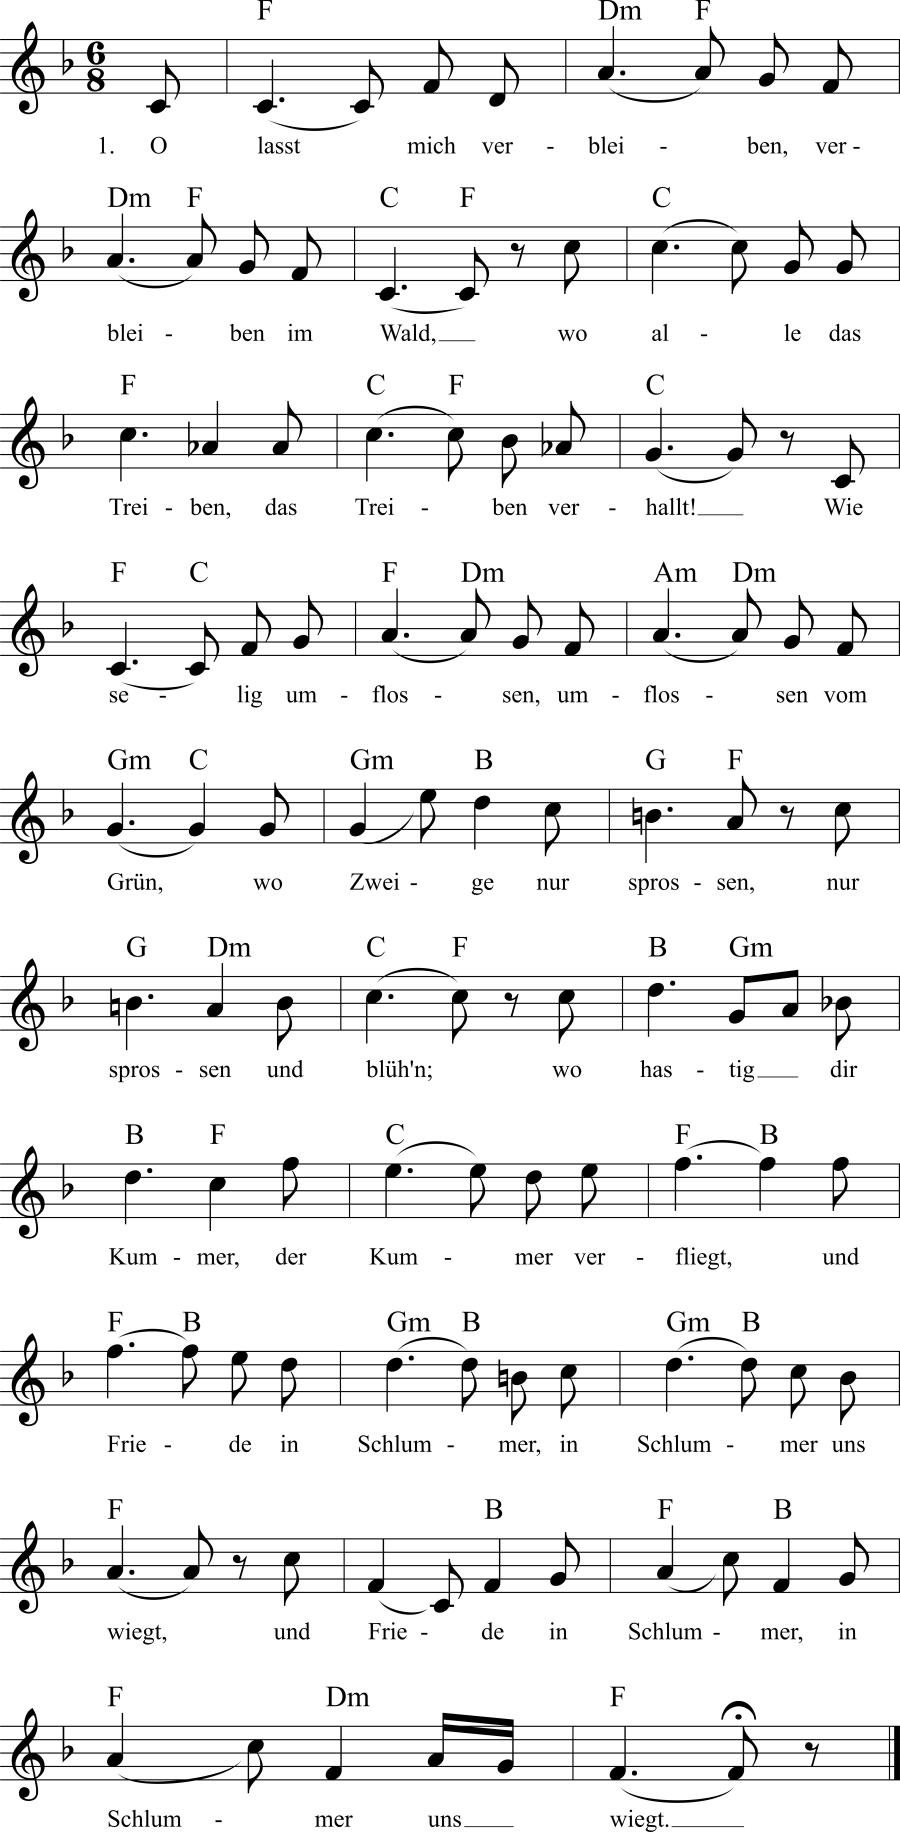 Musiknoten zum Lied Im Walde